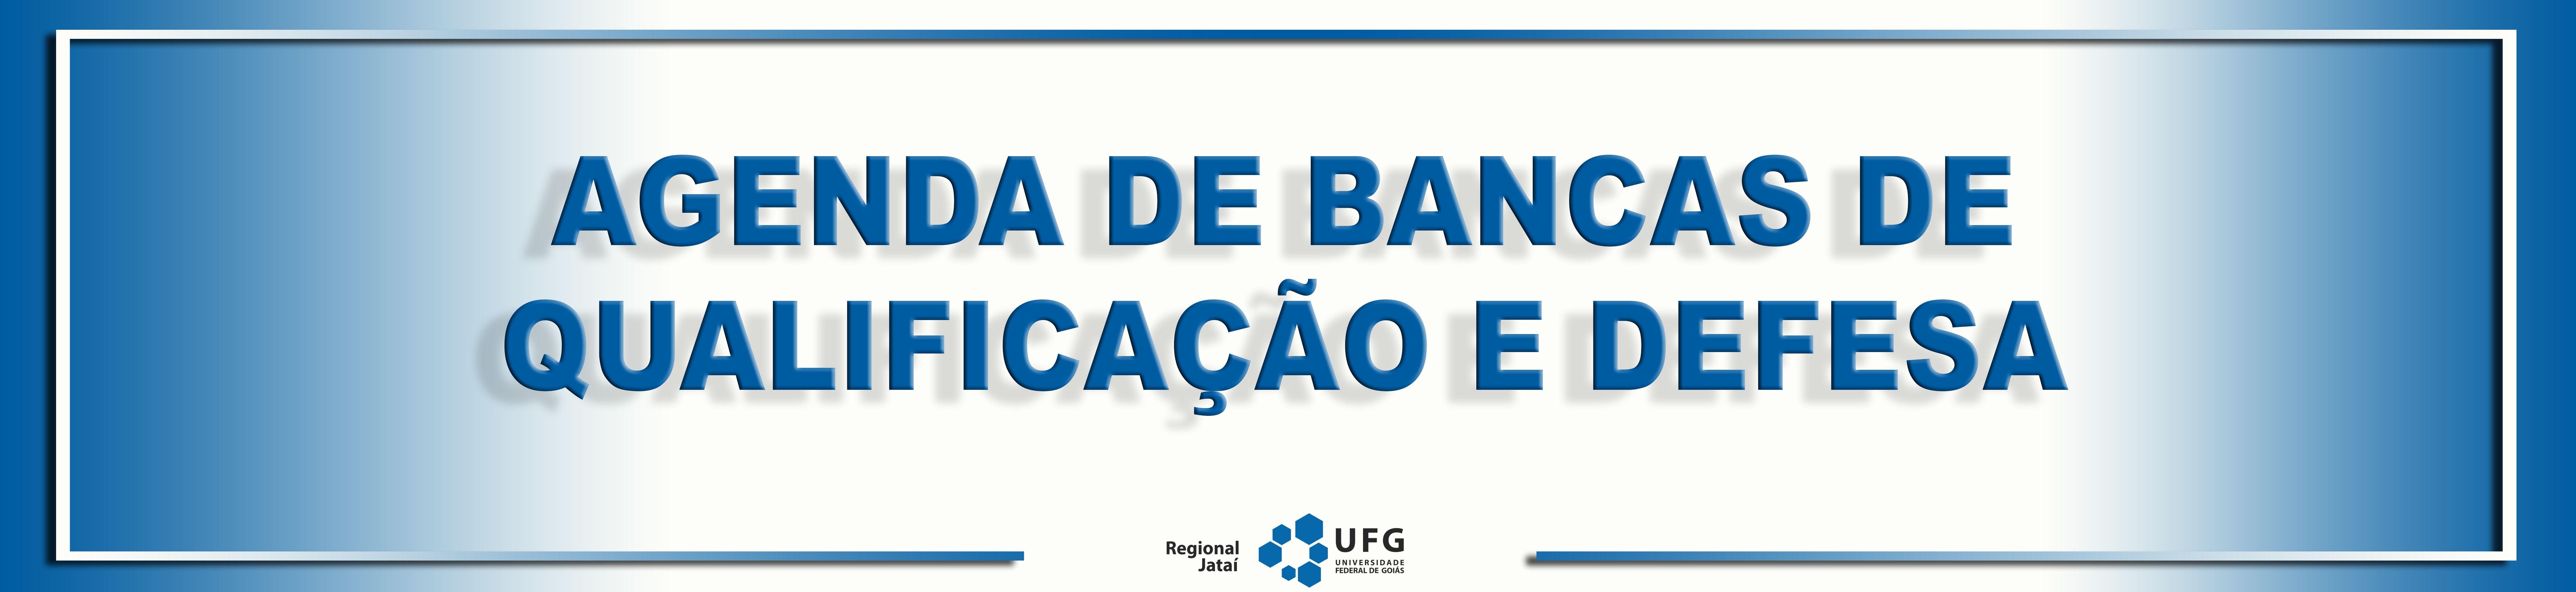 Agenda de bancas de qualificação e defesa